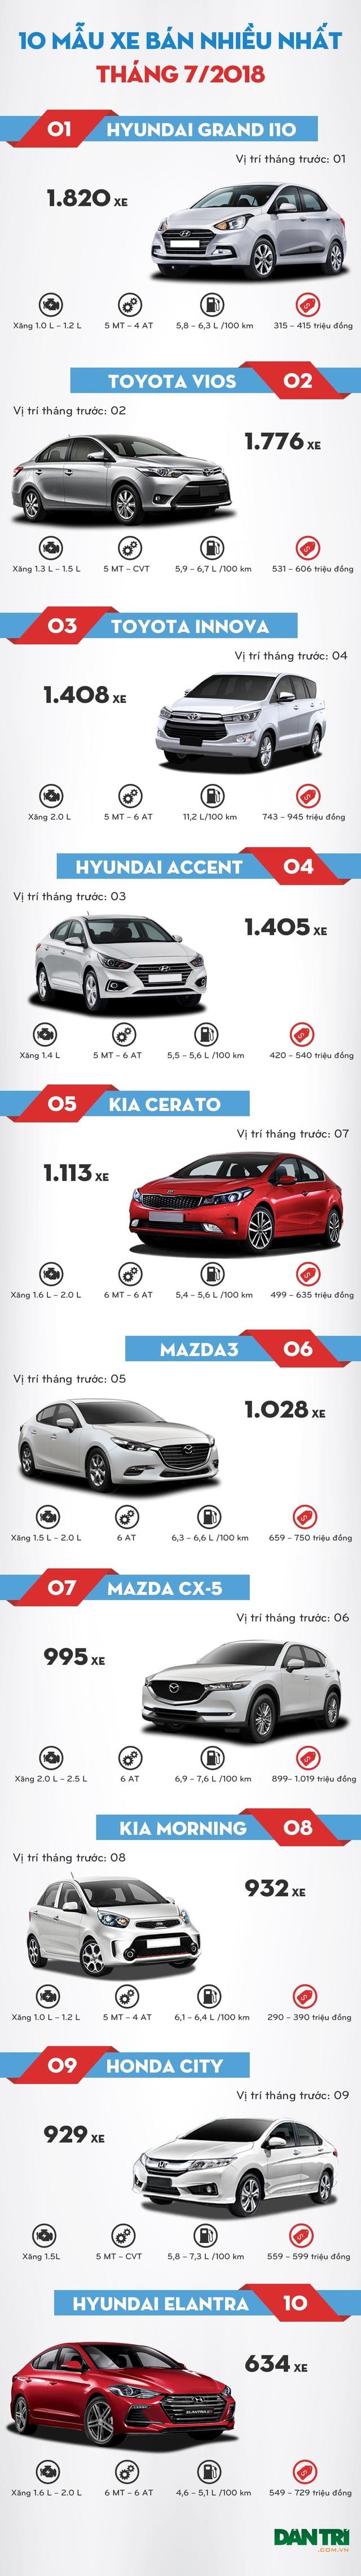 """Hyundai đang làm lu mờ """"ngôi sao"""" Toyota tại Việt Nam? - 1"""